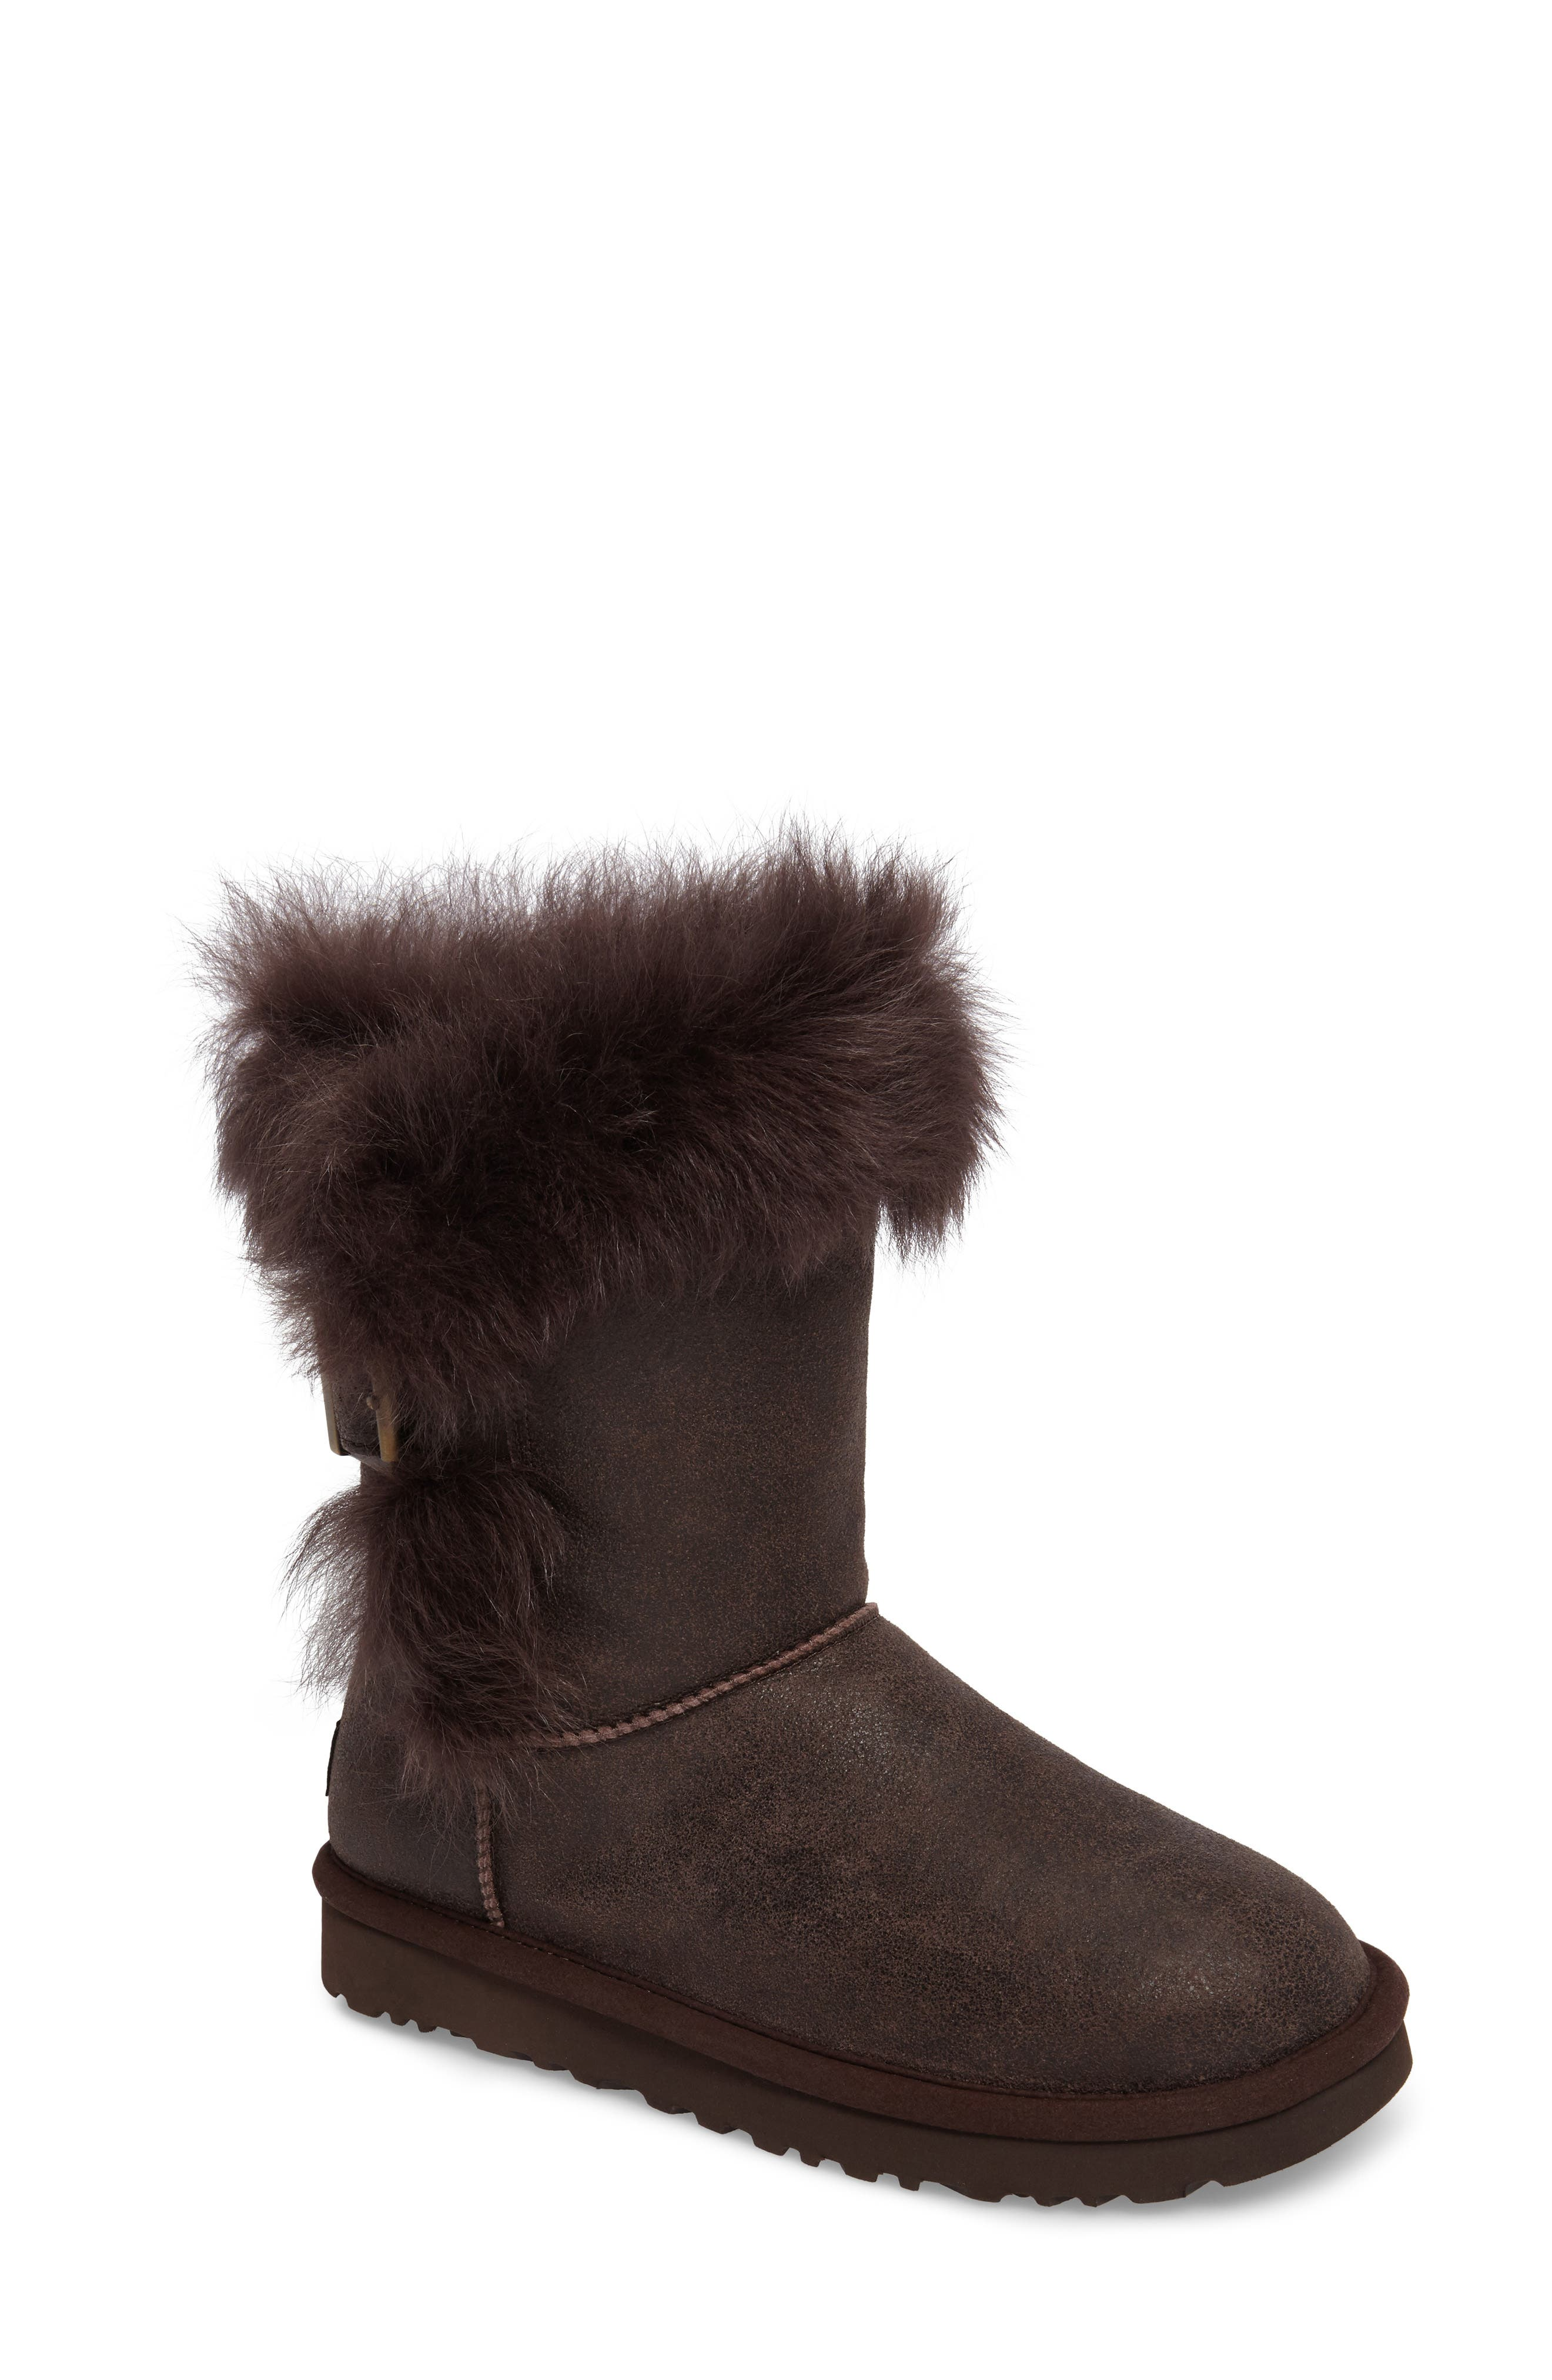 Deena Boot,                         Main,                         color, 207